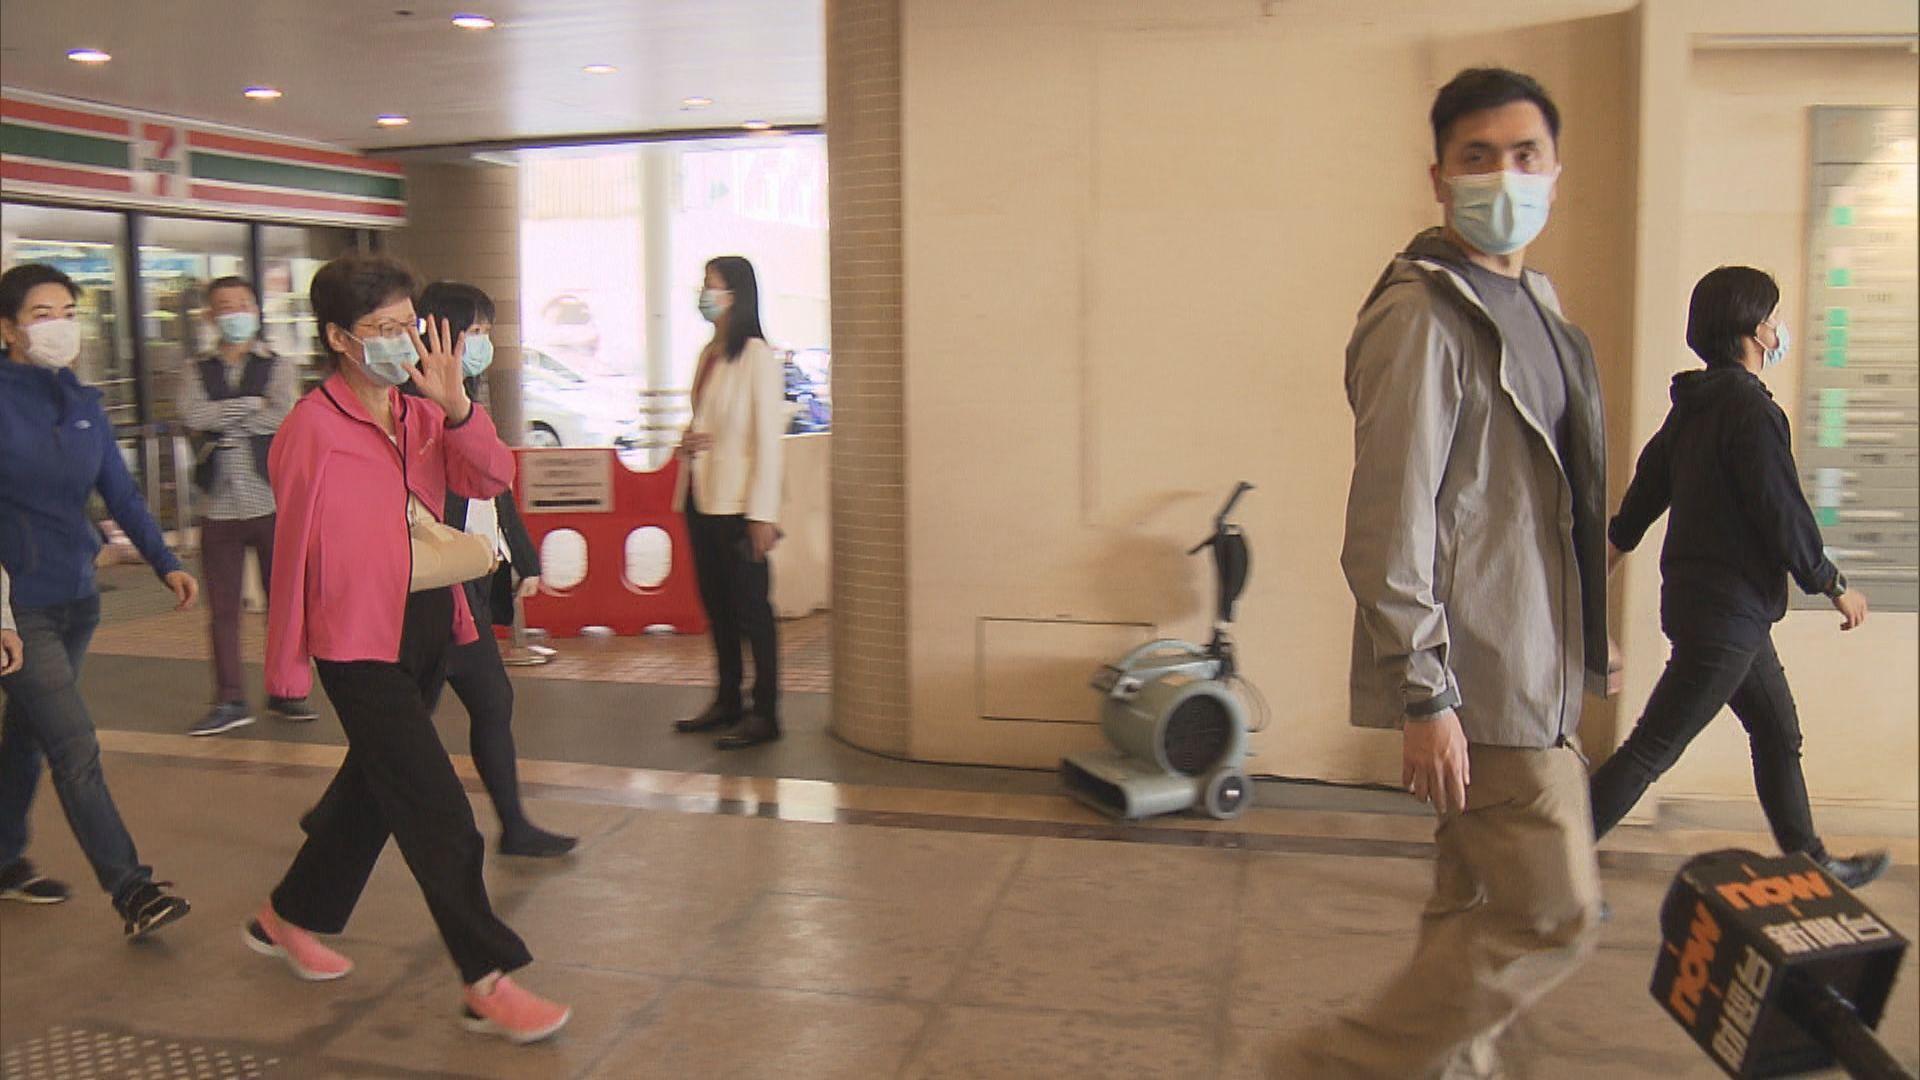 林鄭月娥在禮賓府跌倒右手手肘骨折 留醫一晚後出院